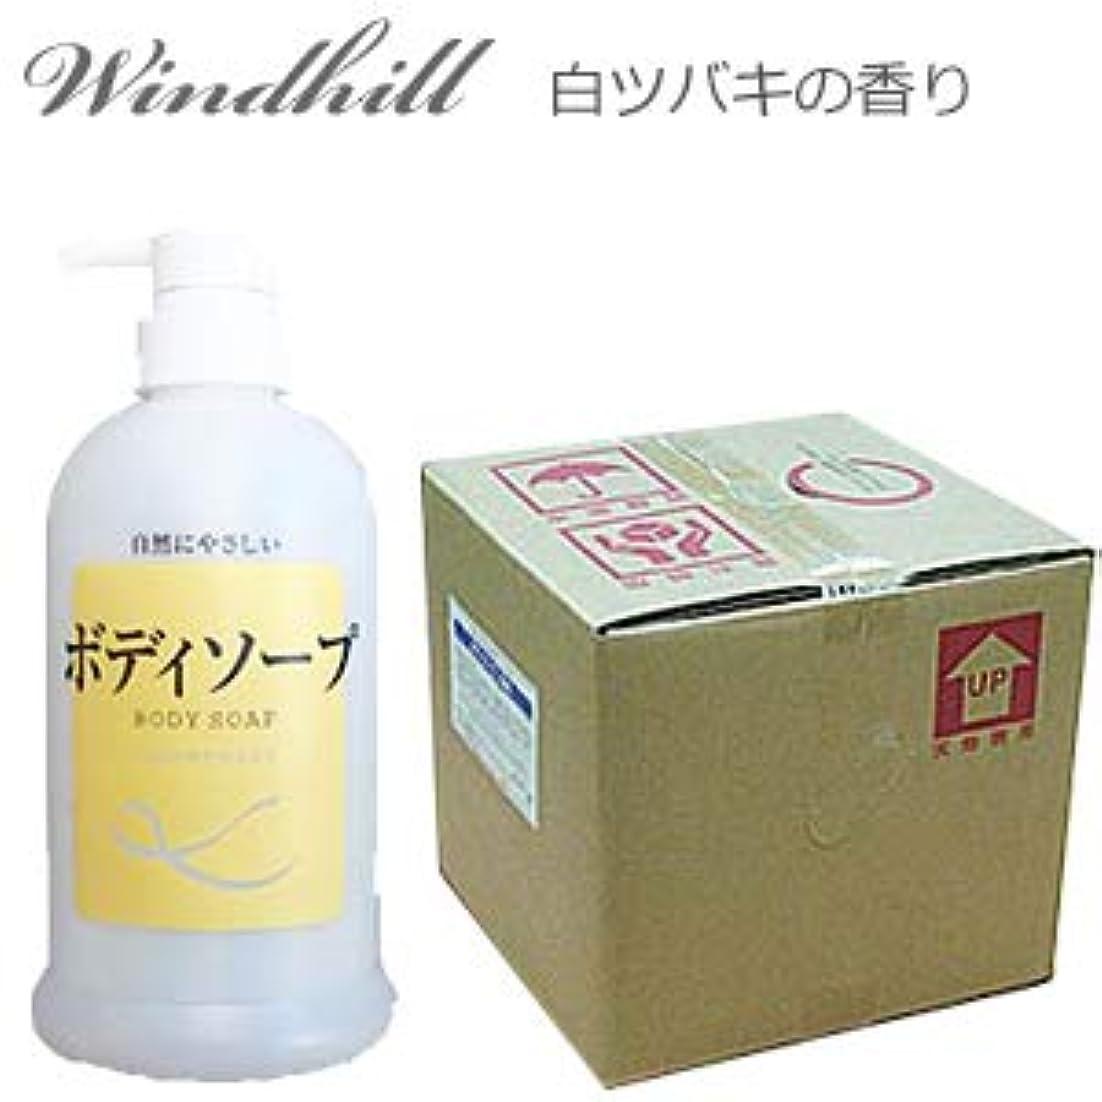 尽きる展開する日なんと! 500ml当り175円 Windhill 植物性 業務用 ボディソープ  白ツバキの香り 20L